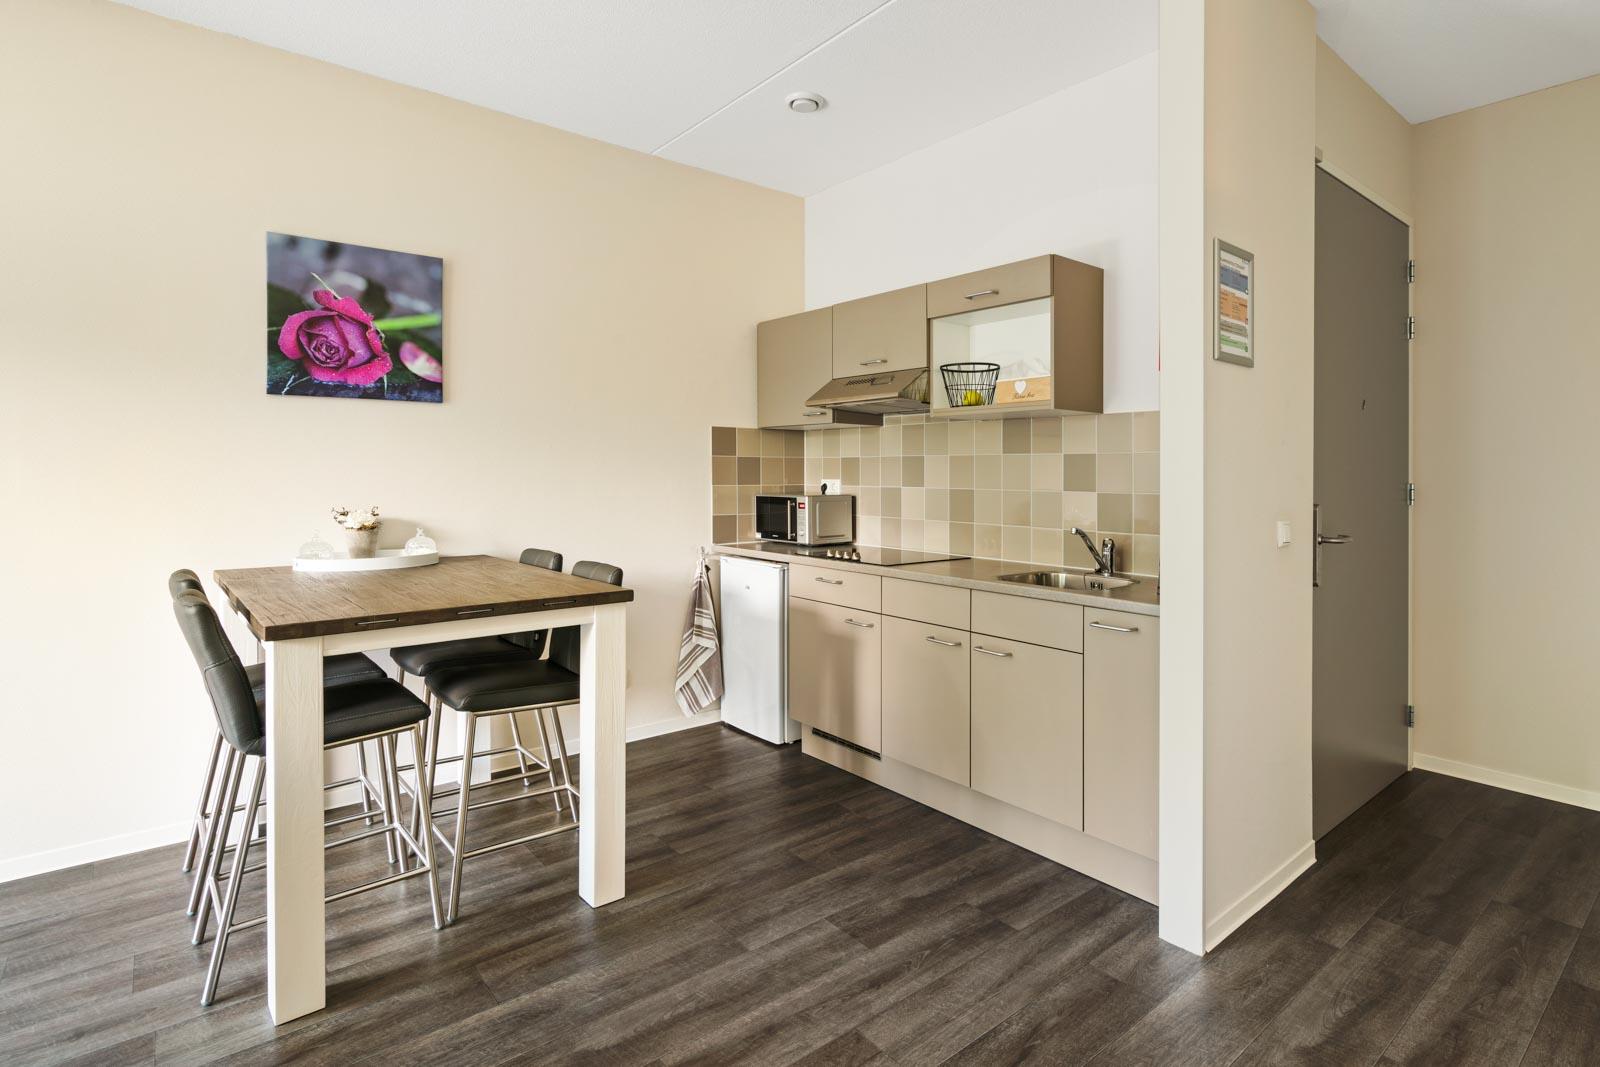 Keuken van appartement bij SDW t Zand